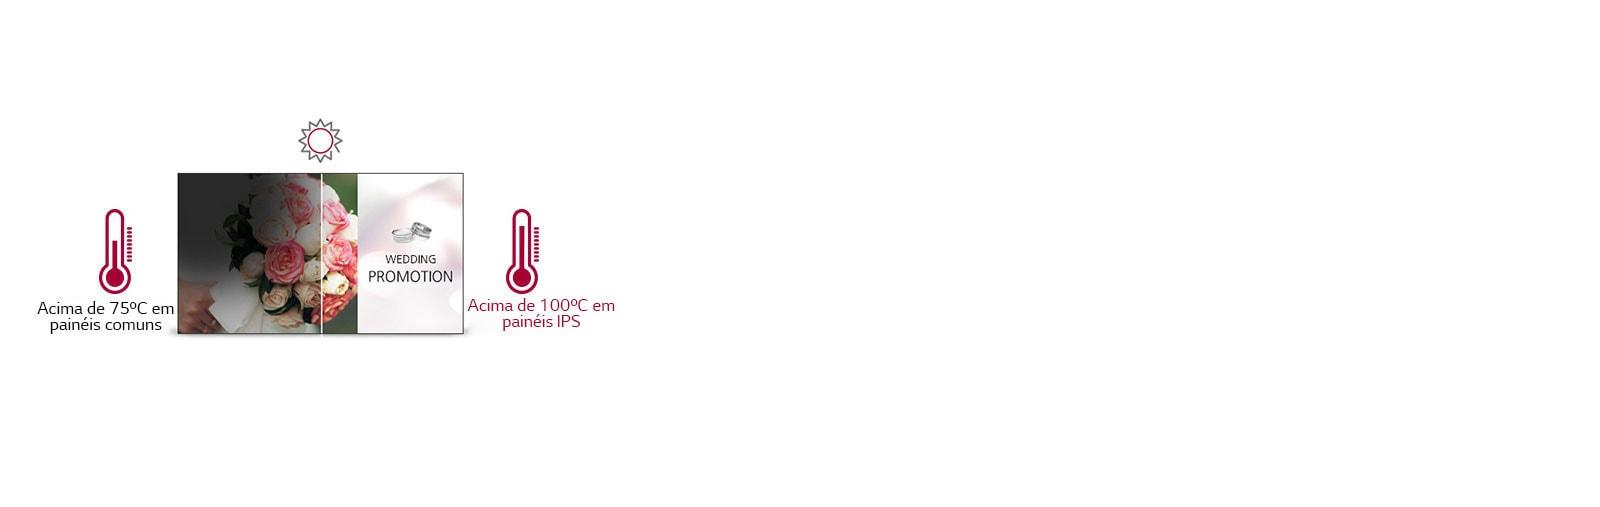 55SE3KD_Sub05_23102017_D_1519329452293